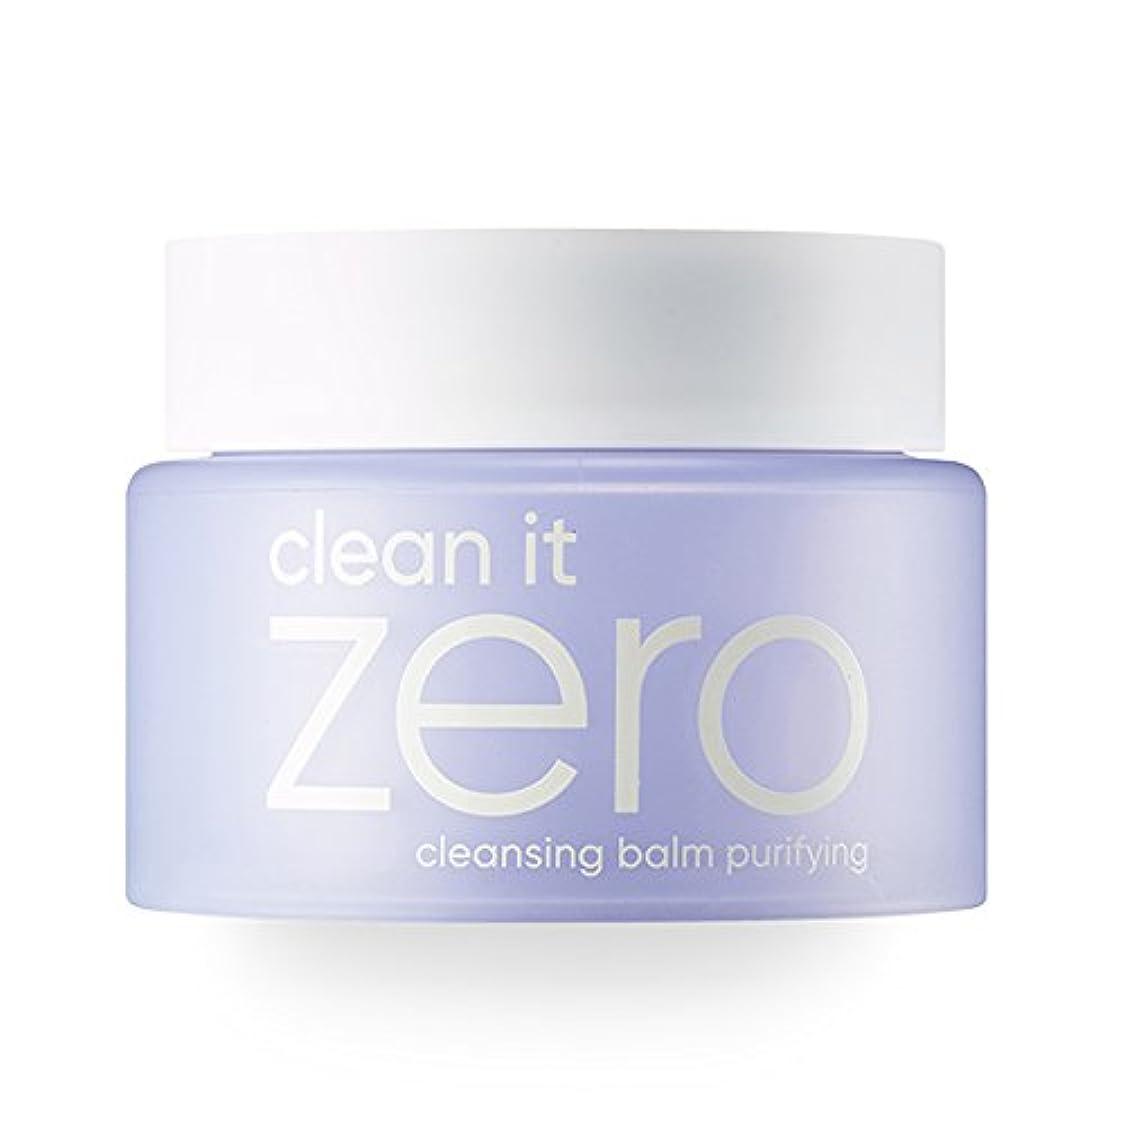 バレーボール青閉じるBANILA CO(バニラコ) クリーン イット ゼロ クレンジング バーム ピュリファイング Clean It Zero Purifying